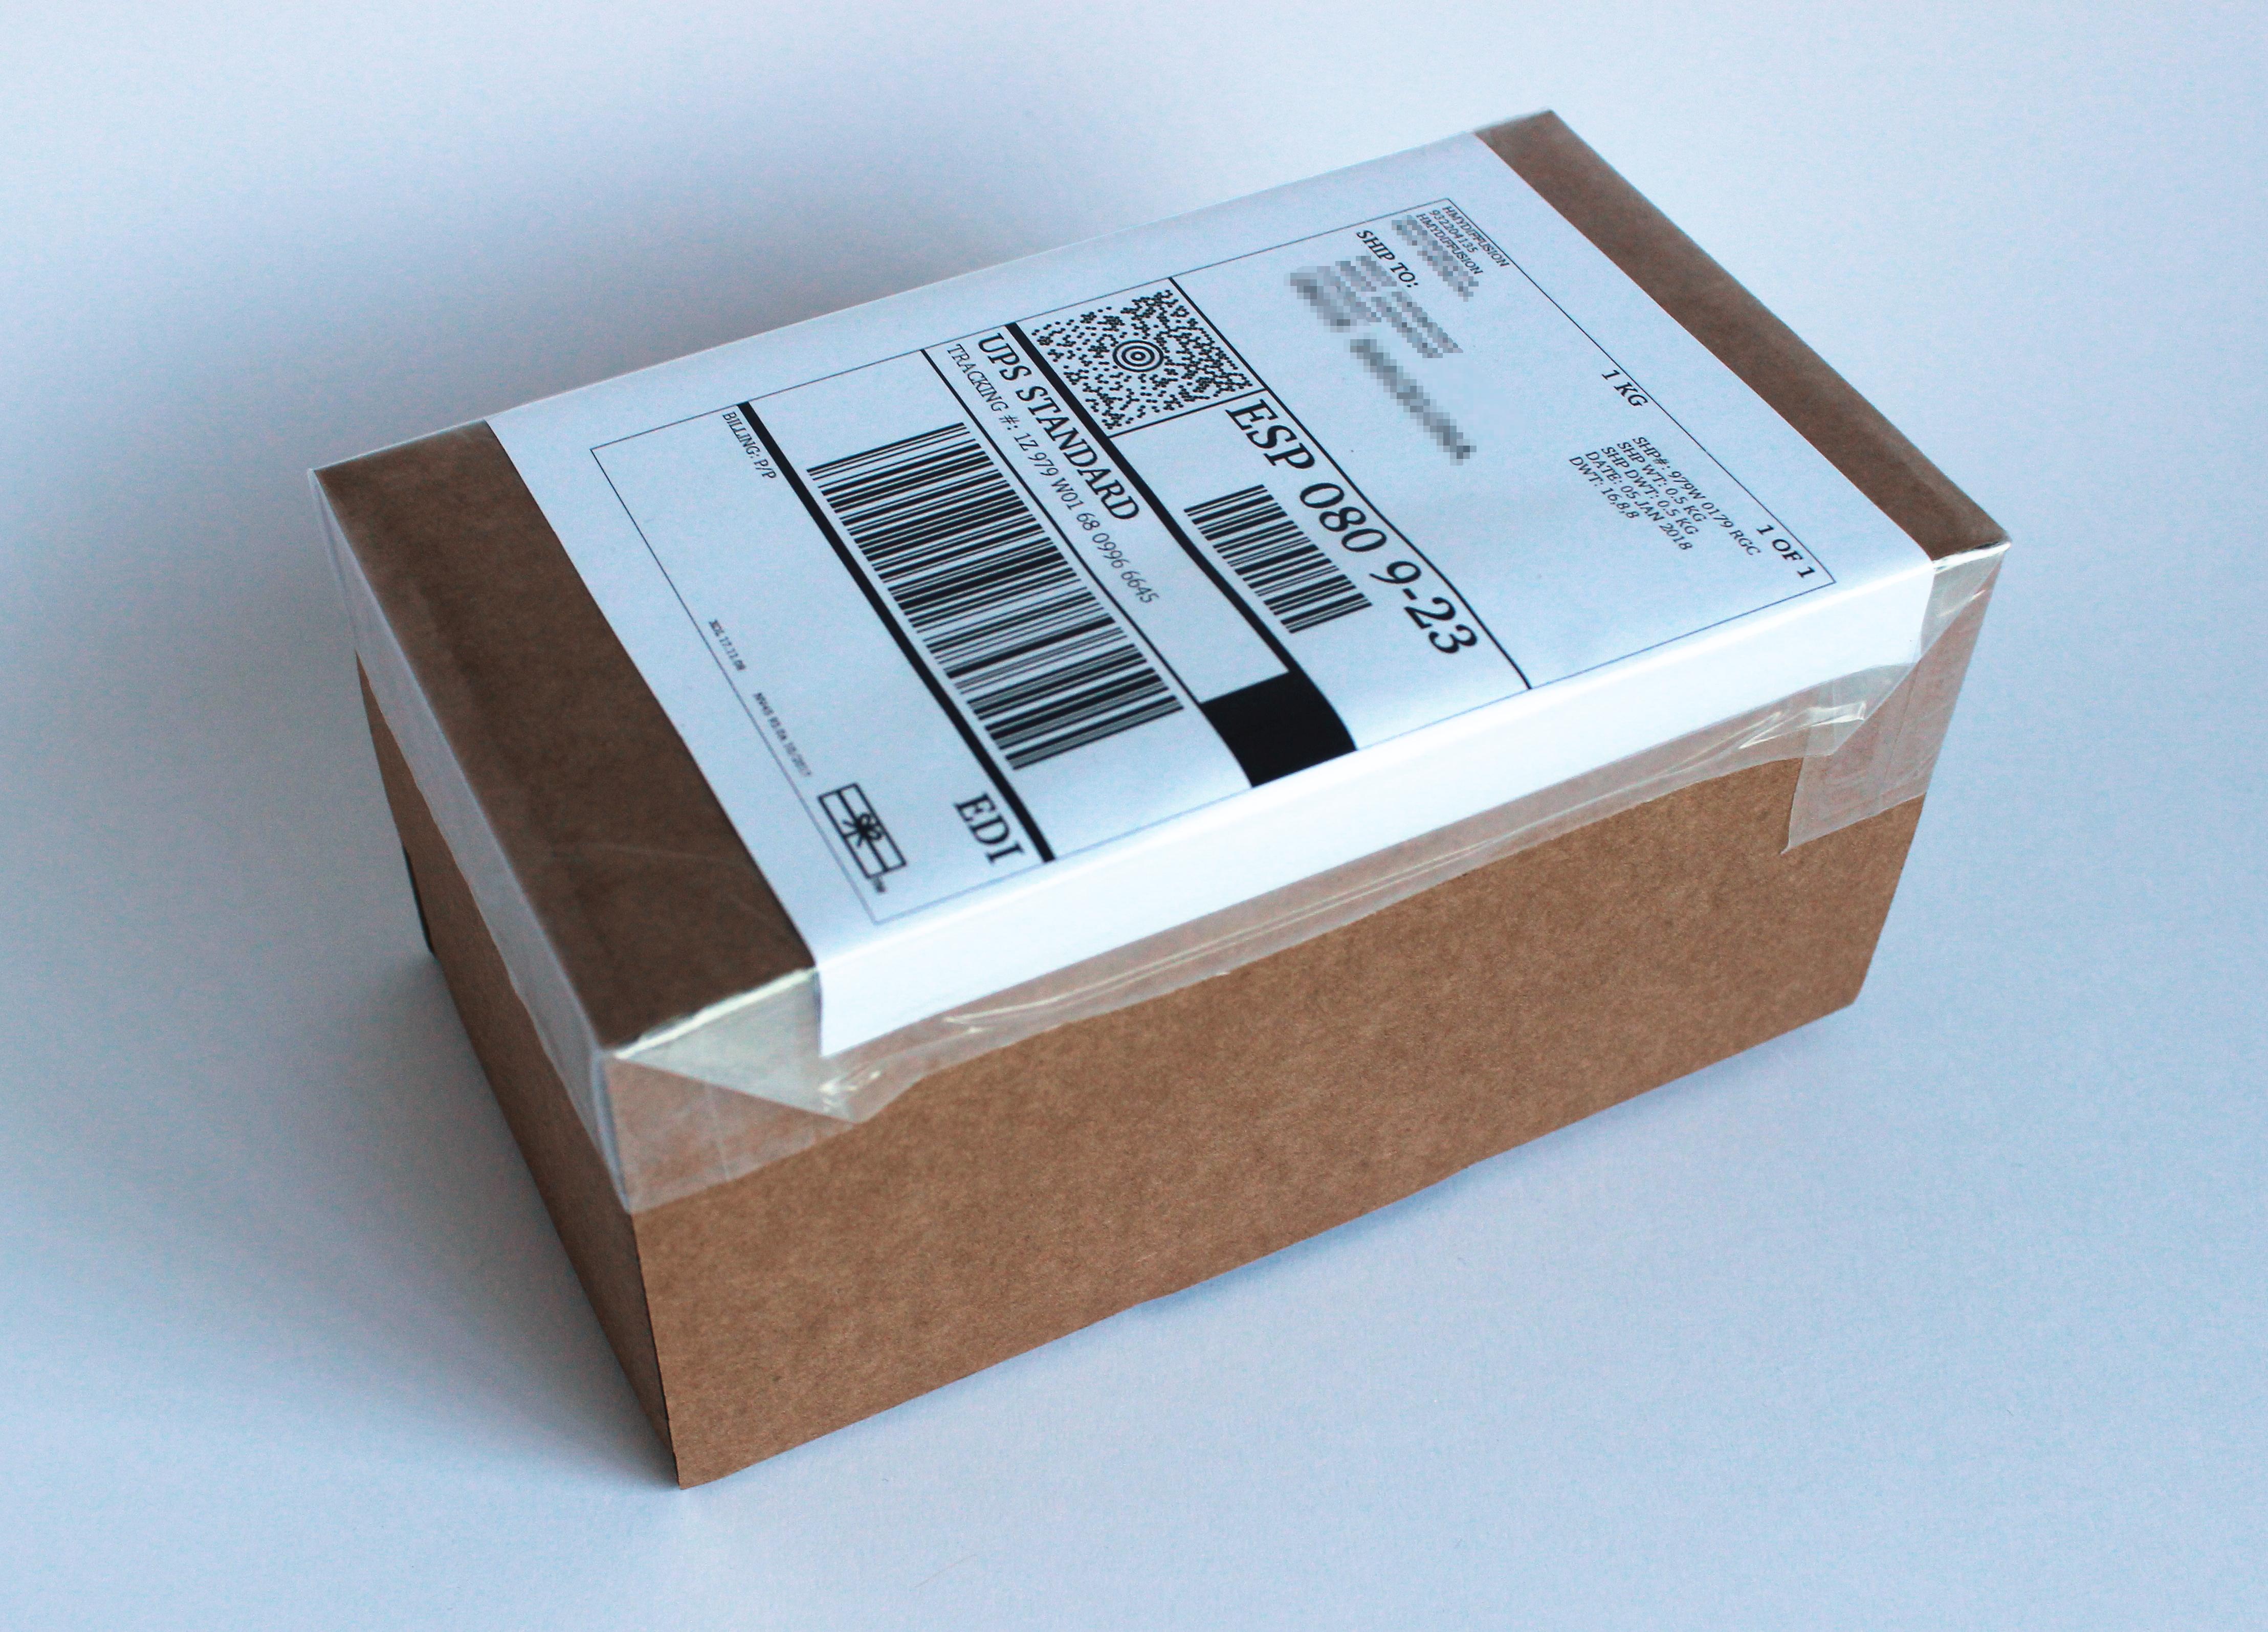 Harmony discreet shipping